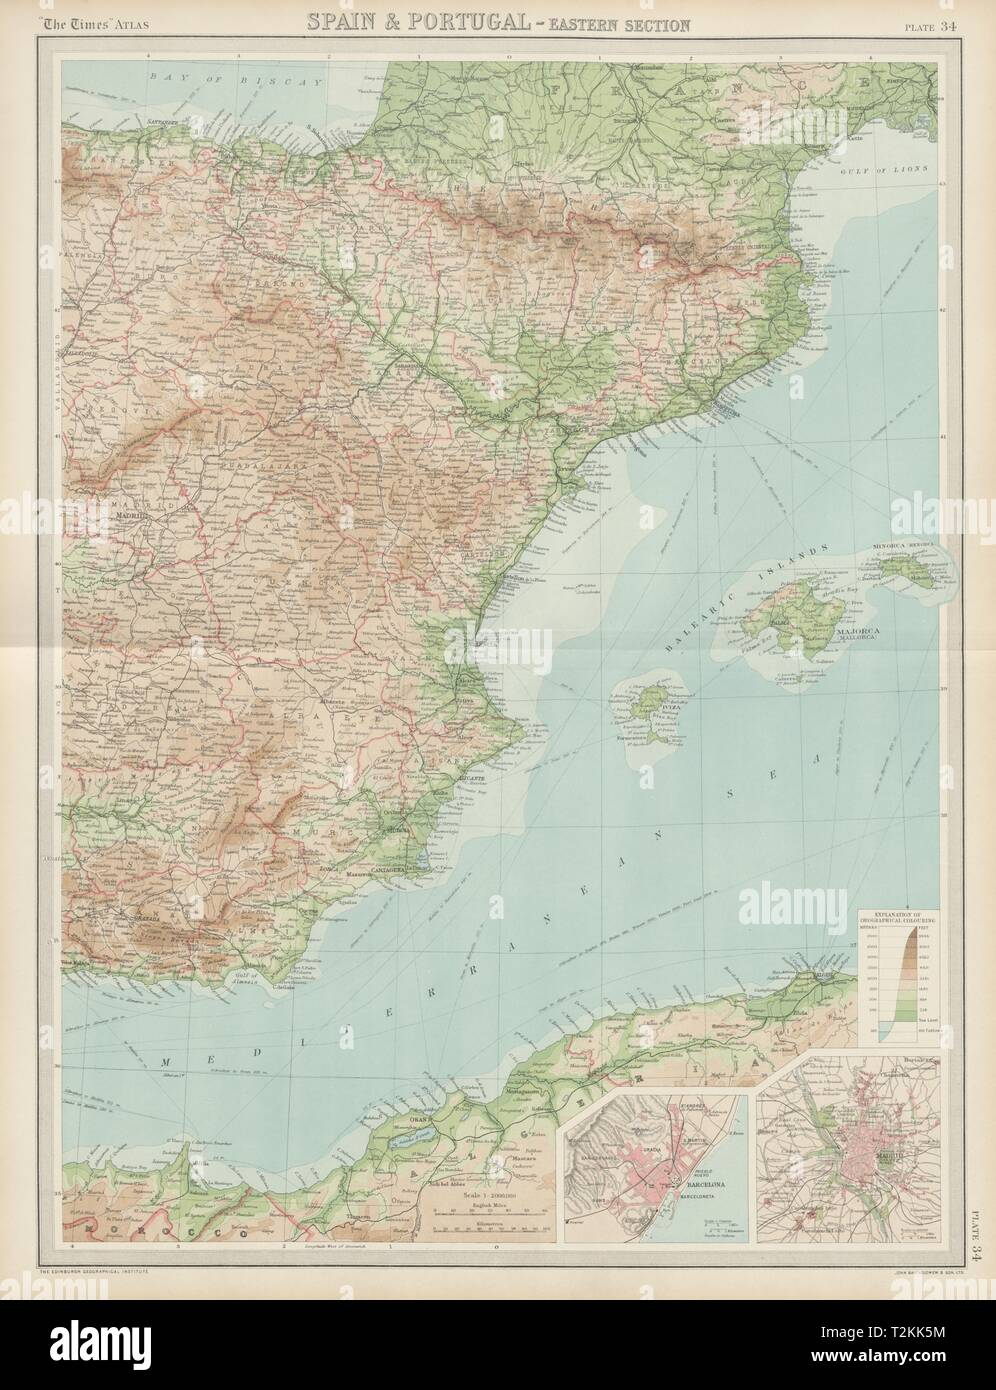 Mappa Spagna Orientale.Orientale Della Spagna Isole Baleari Madrid Barcellona I Tempi 1922 Mappa Vecchia Foto Stock Alamy